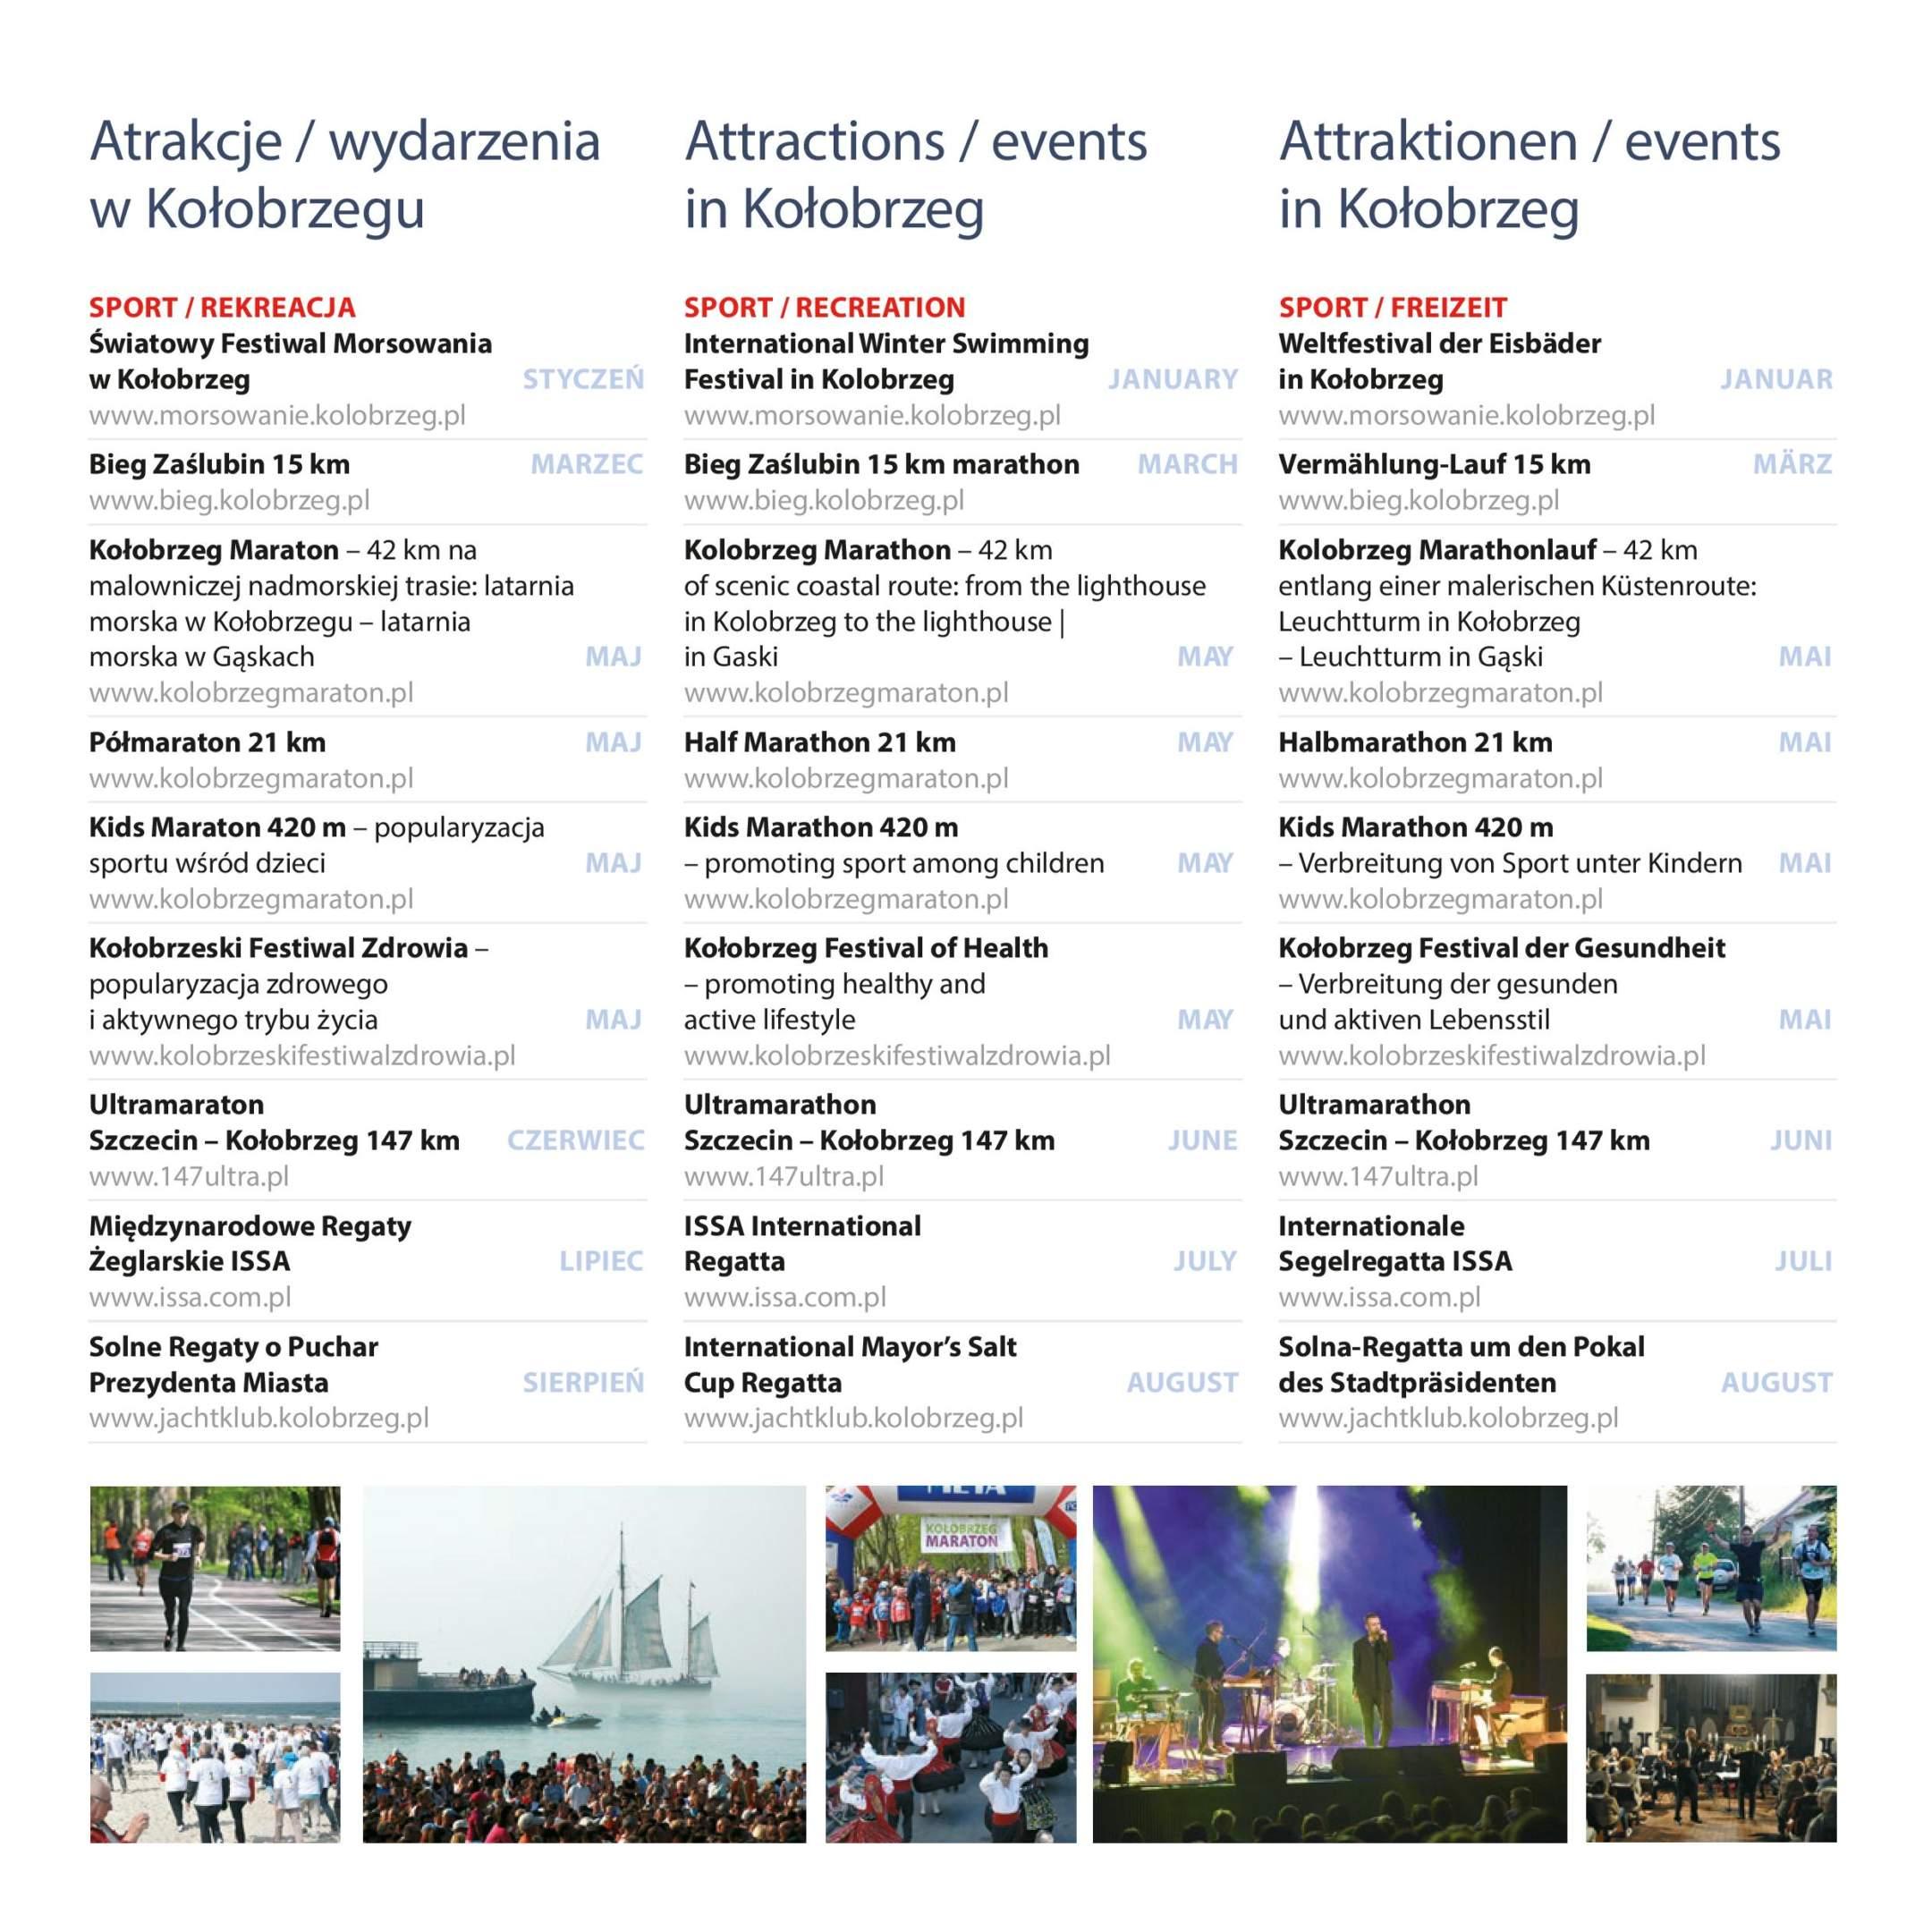 Veranstaltungs, Attraktionen, Kalender, Kolberg